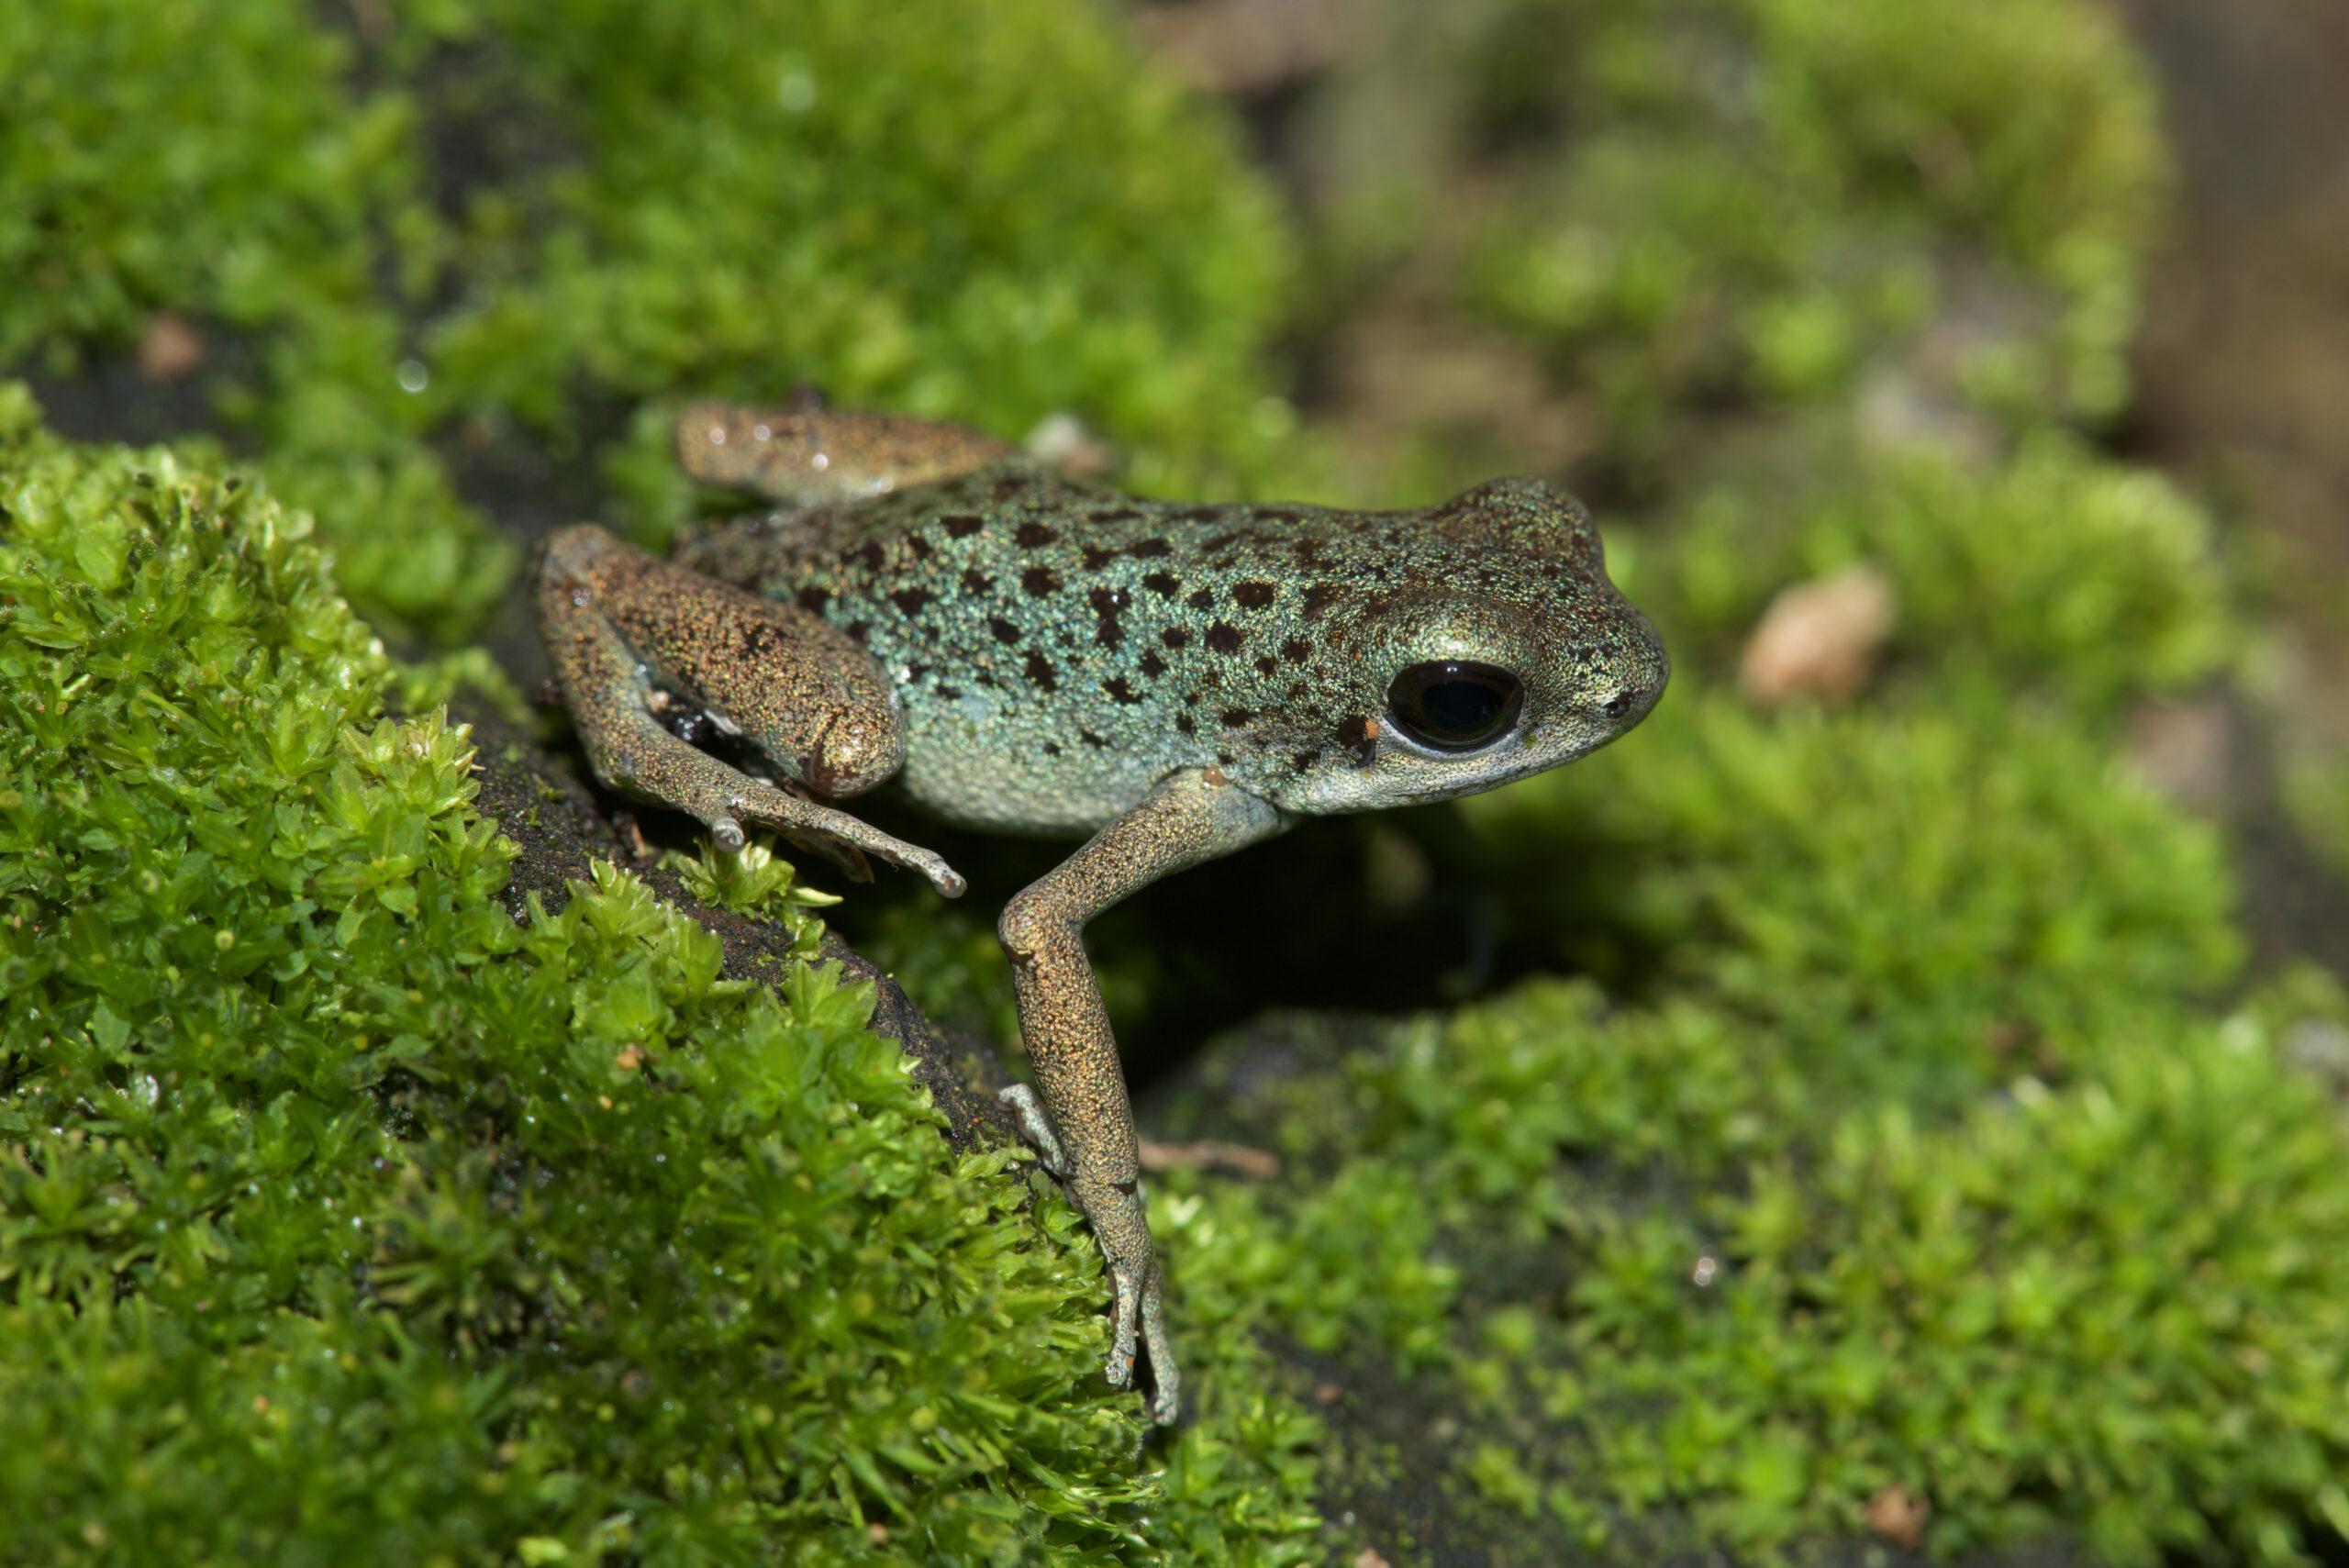 Oophaga pumilio from Isla Loma Partida, Bocas del Toro, Panama - by E. Van Heygen.